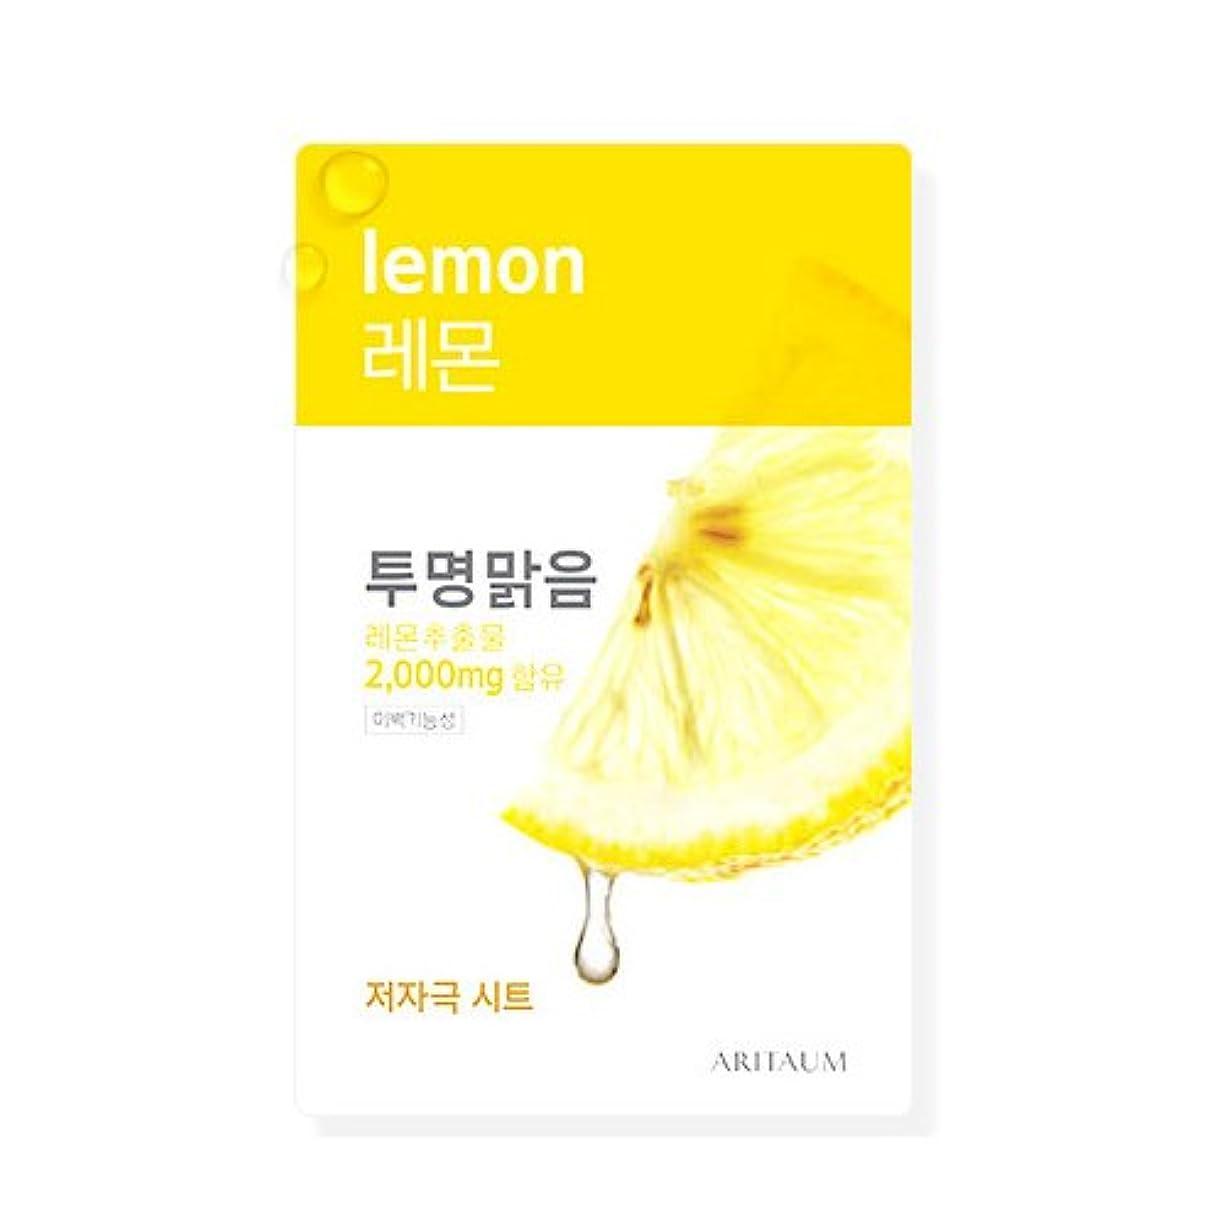 安らぎ召集する優しさAritaum(アリタウム)フレッシュ エッセンス マスク(1回分×10枚セット)種類:レモン